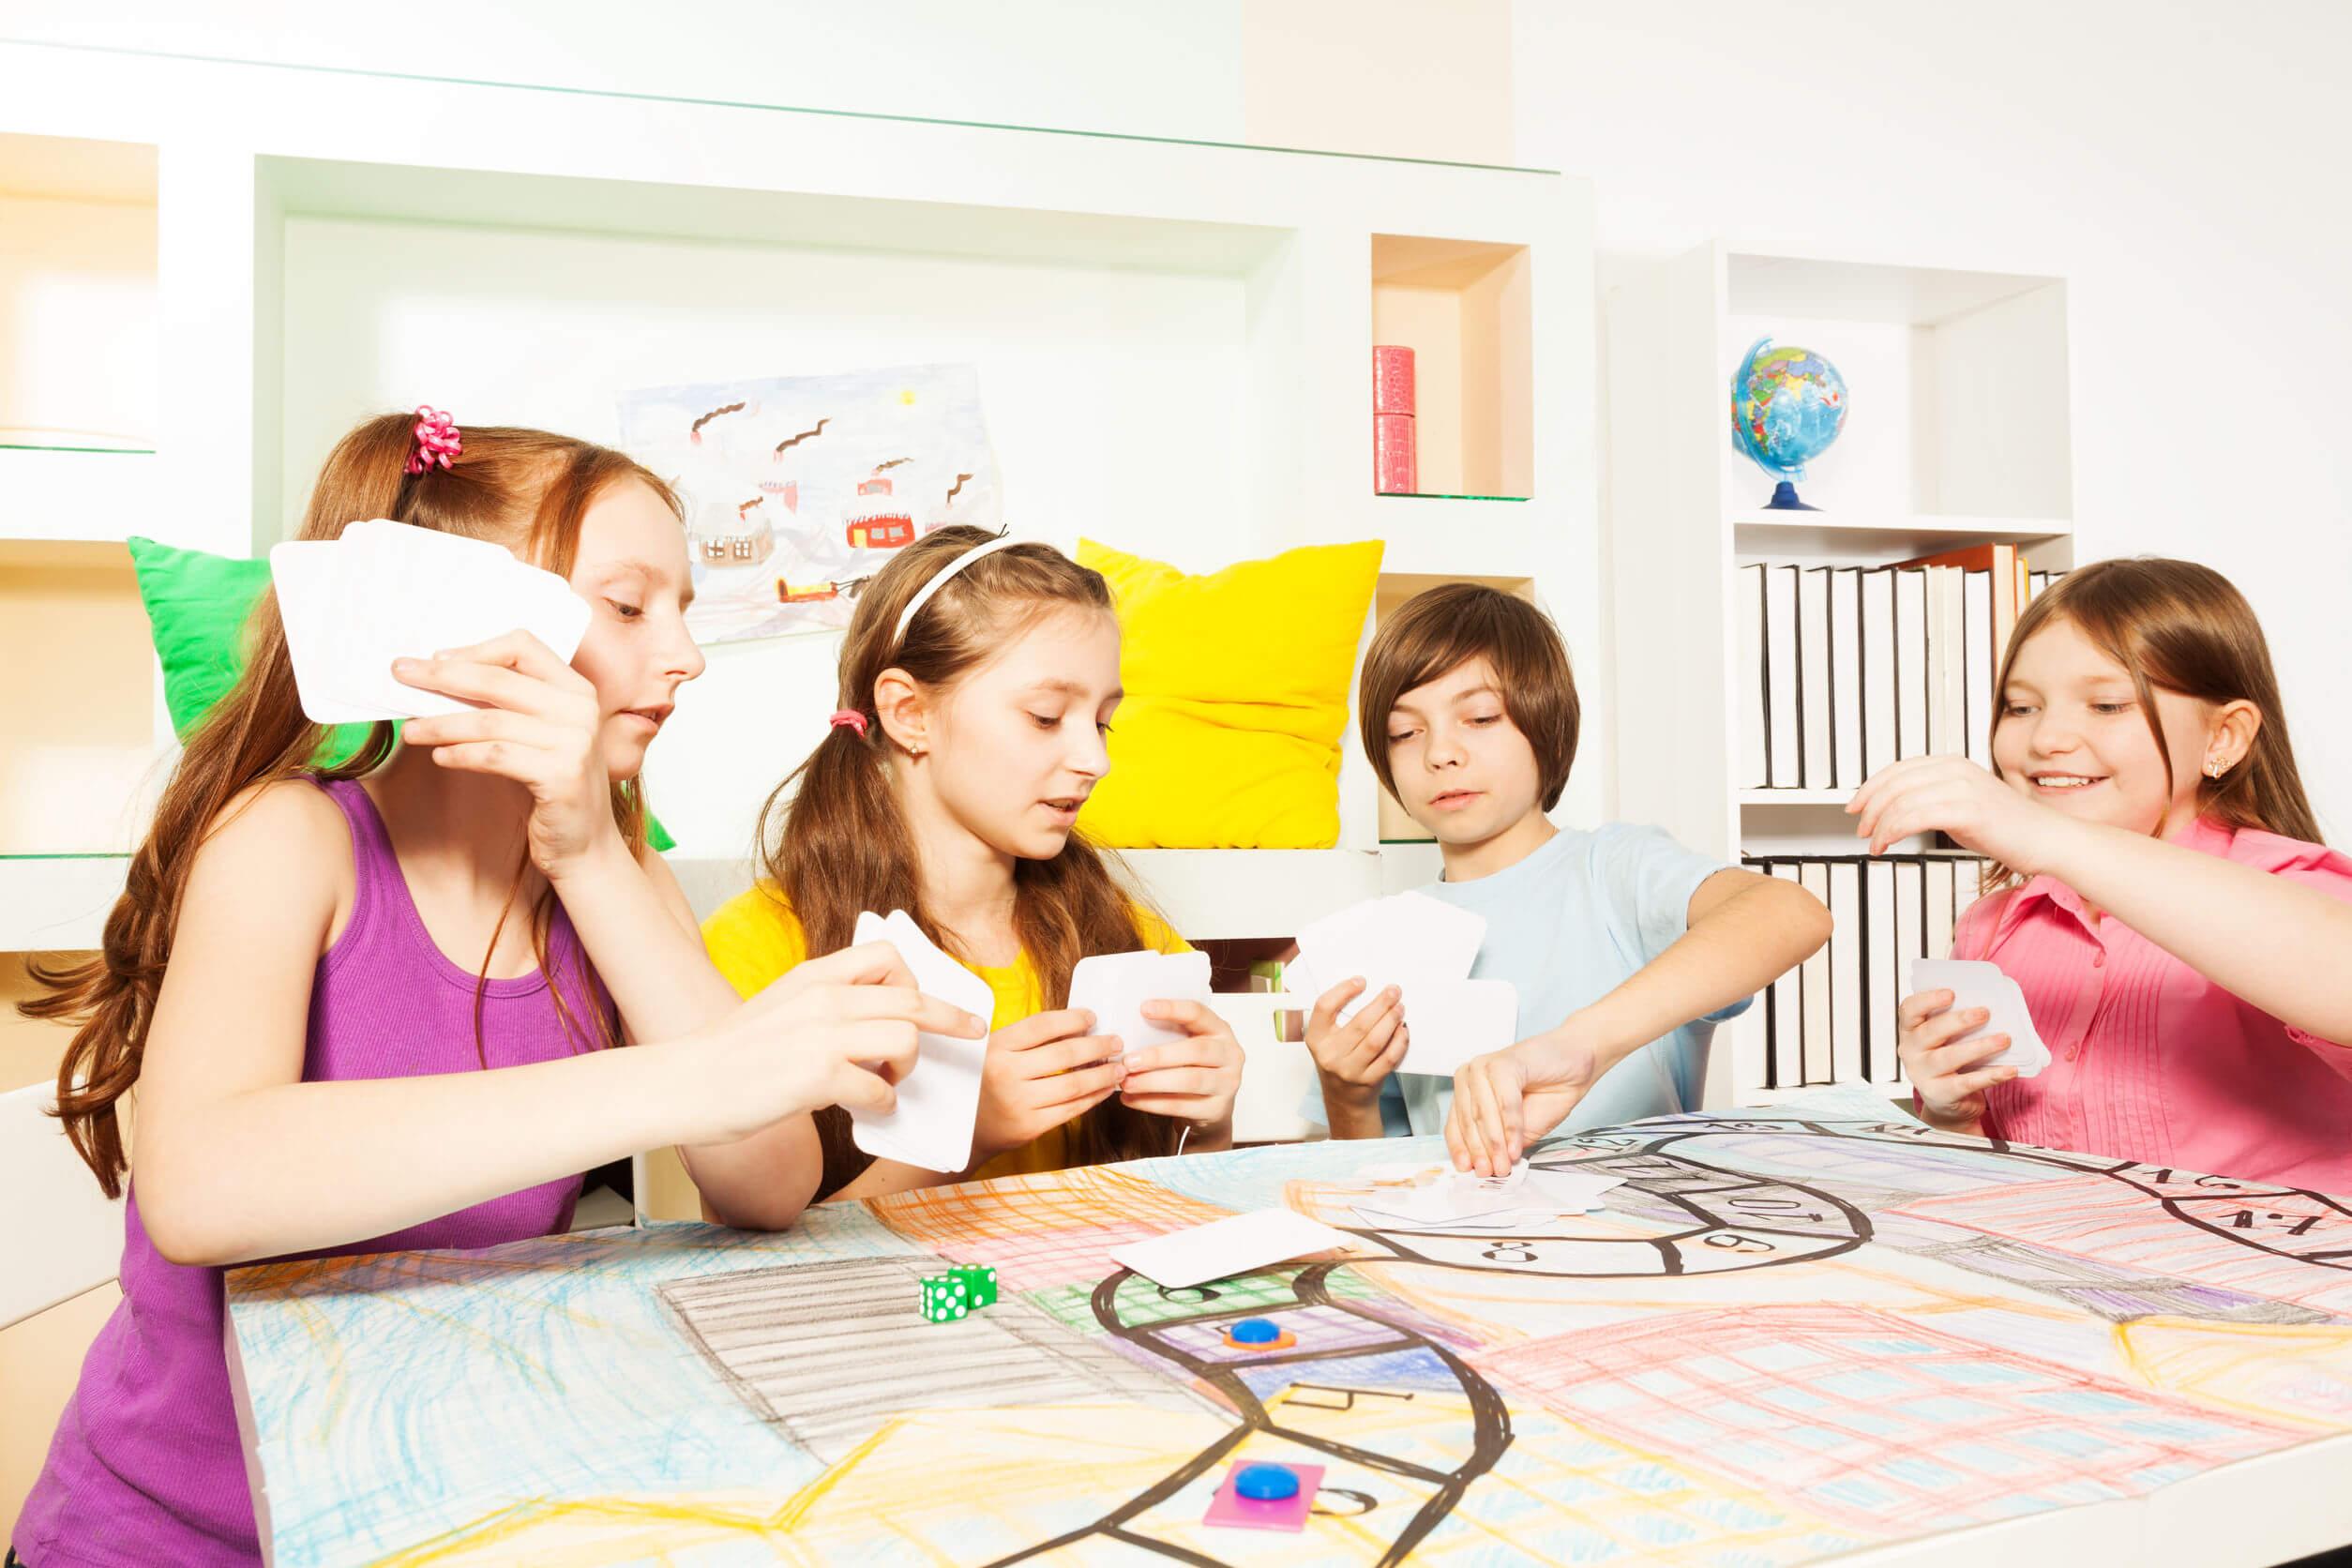 Niños jugando a juegos cooperativos.